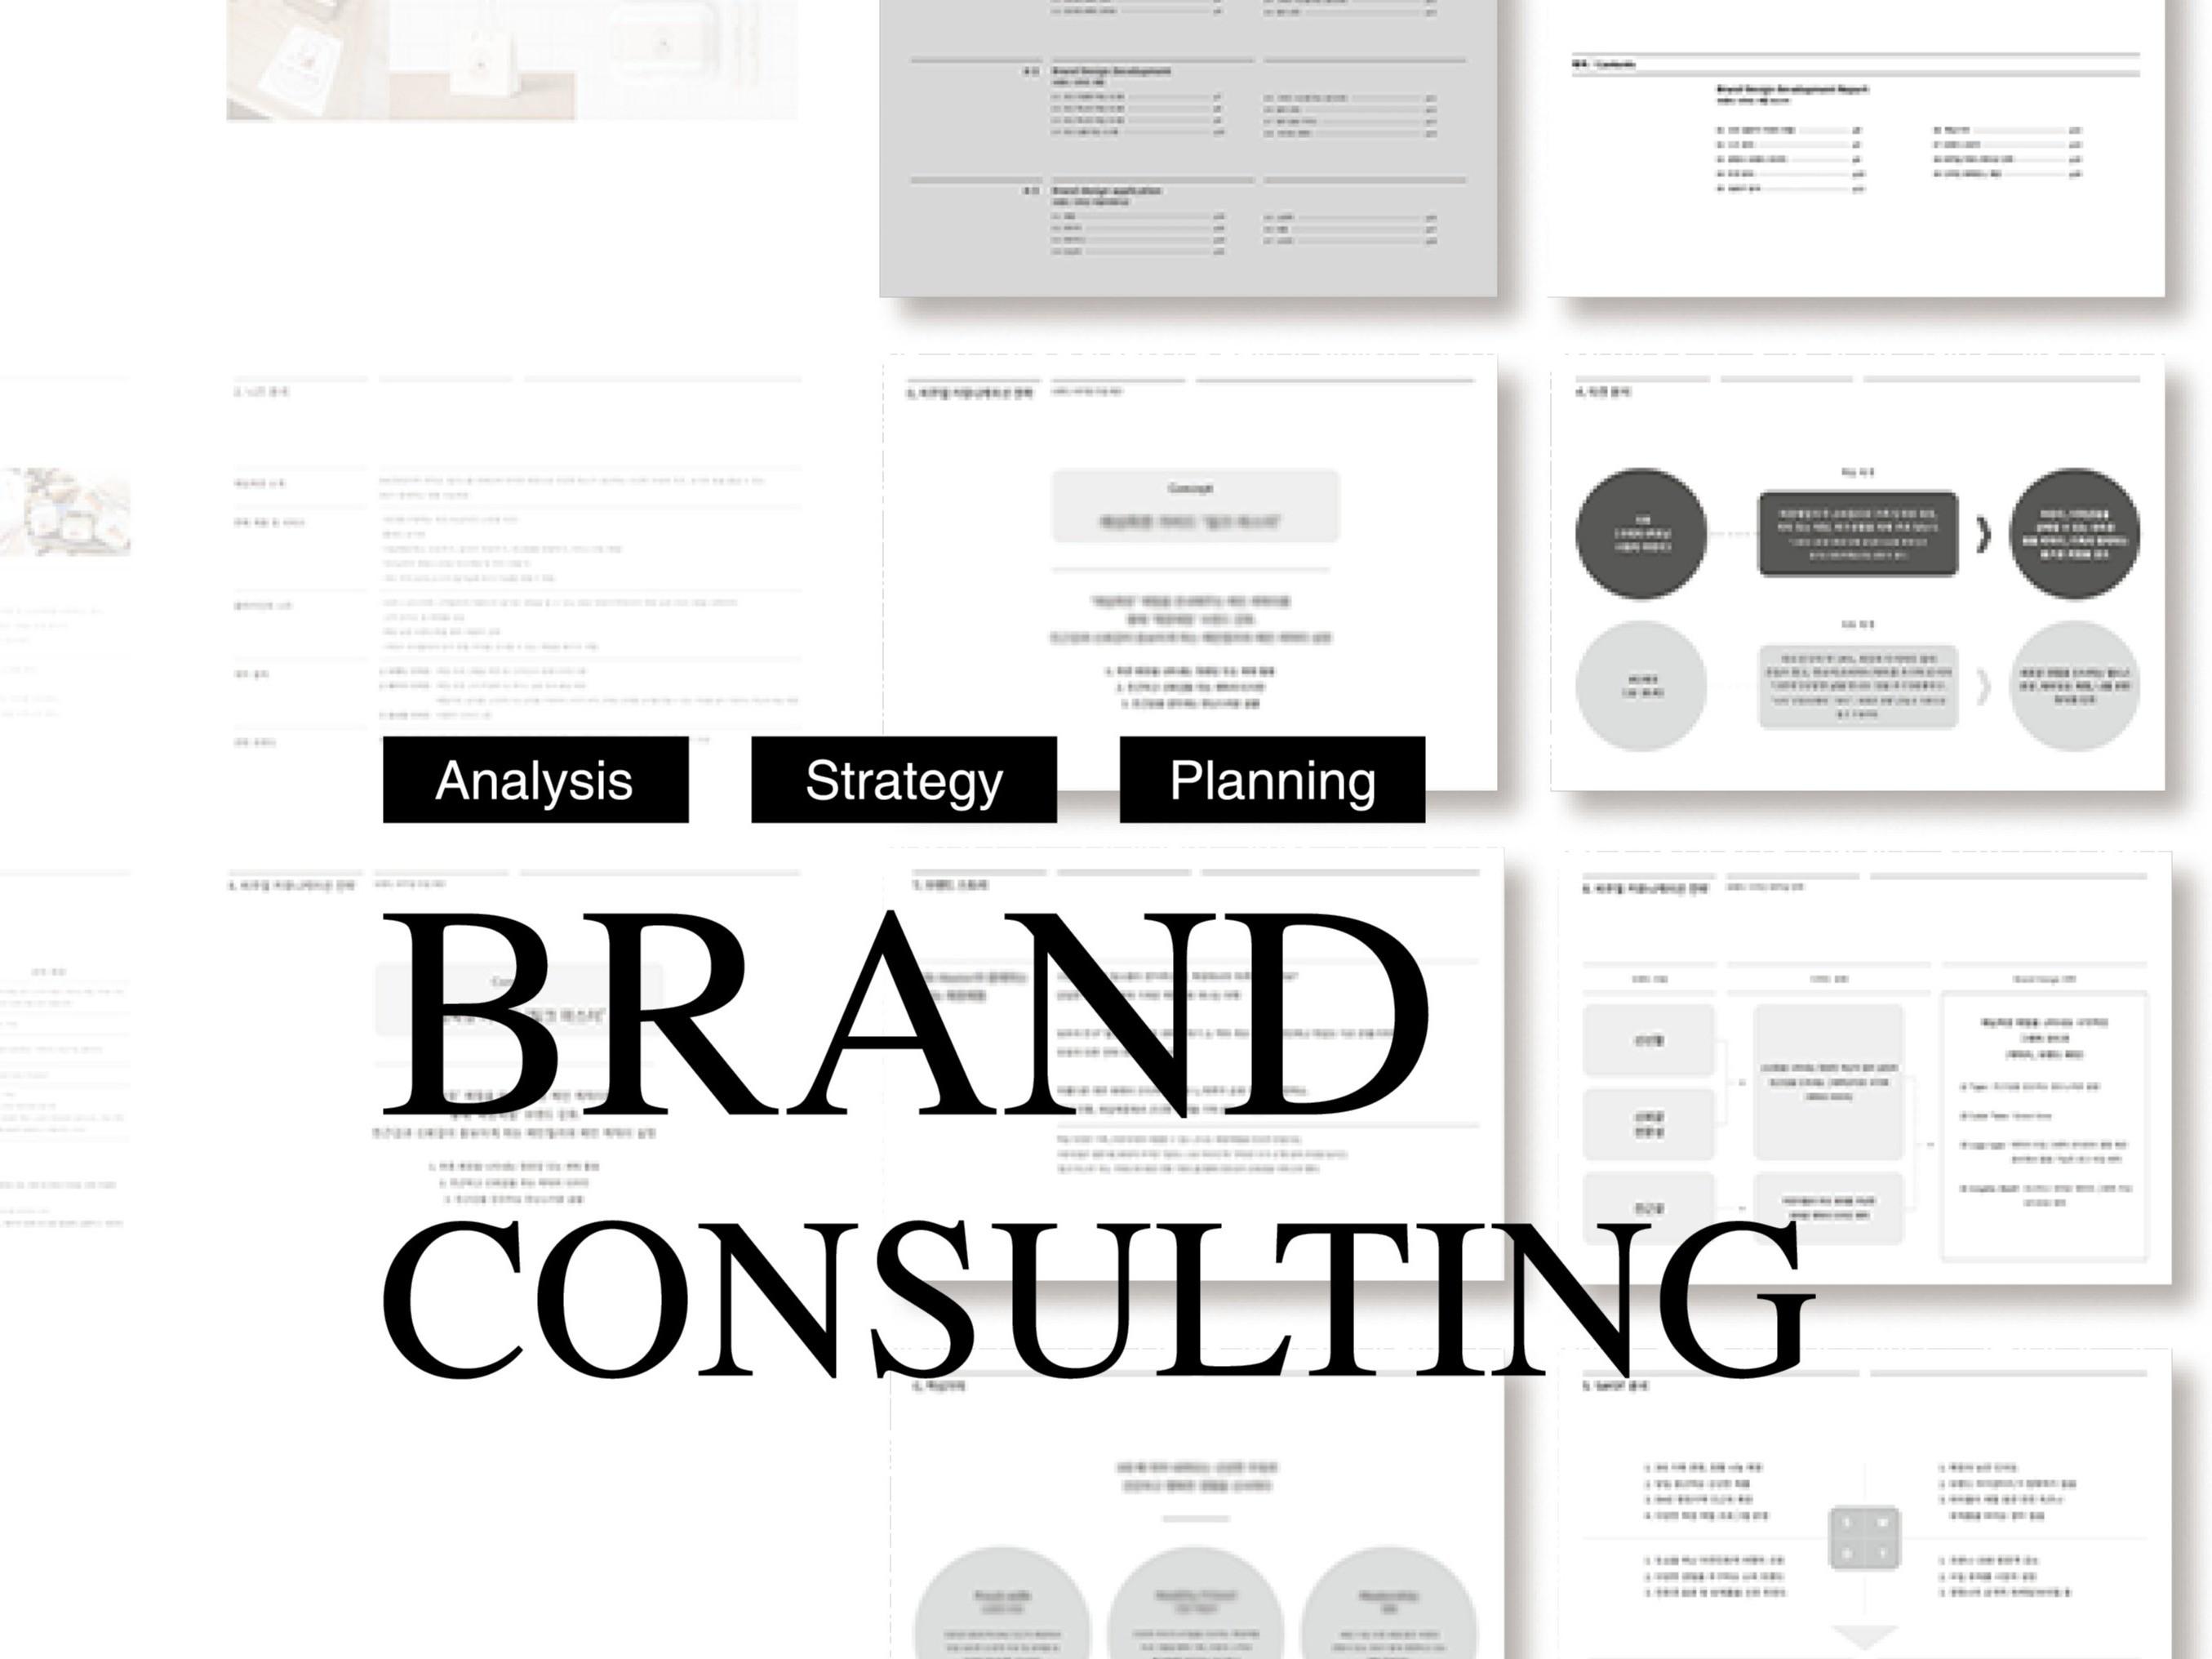 매출 상승하는 마법같은 기획안, 브랜드 컨설팅 솔루션을 드립니다.